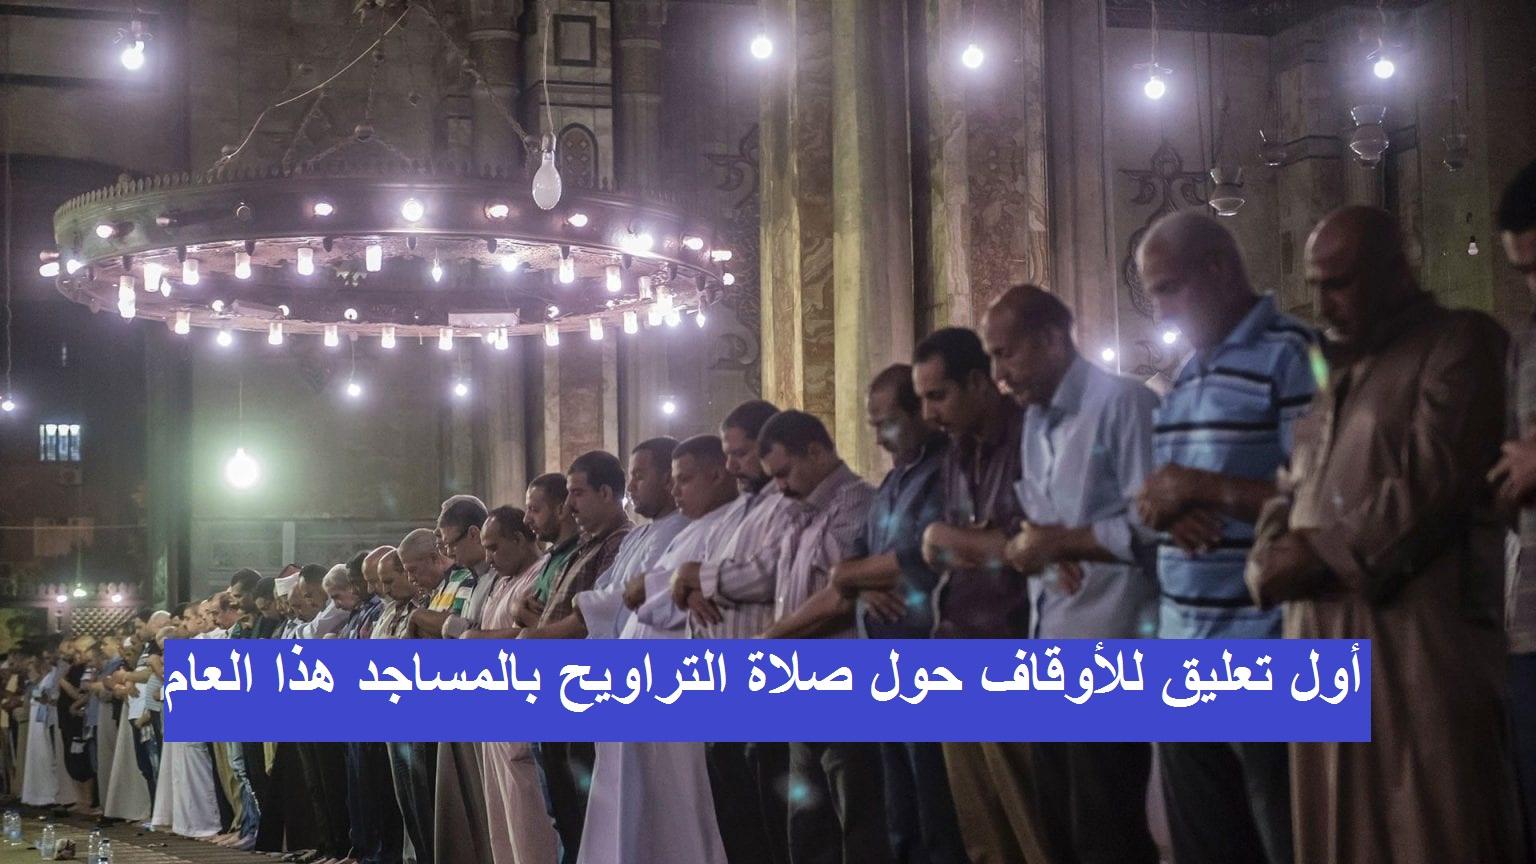 أول تصريحات للأوقاف حول صلاة التراويح بالمساجد في رمضان القادم 2021